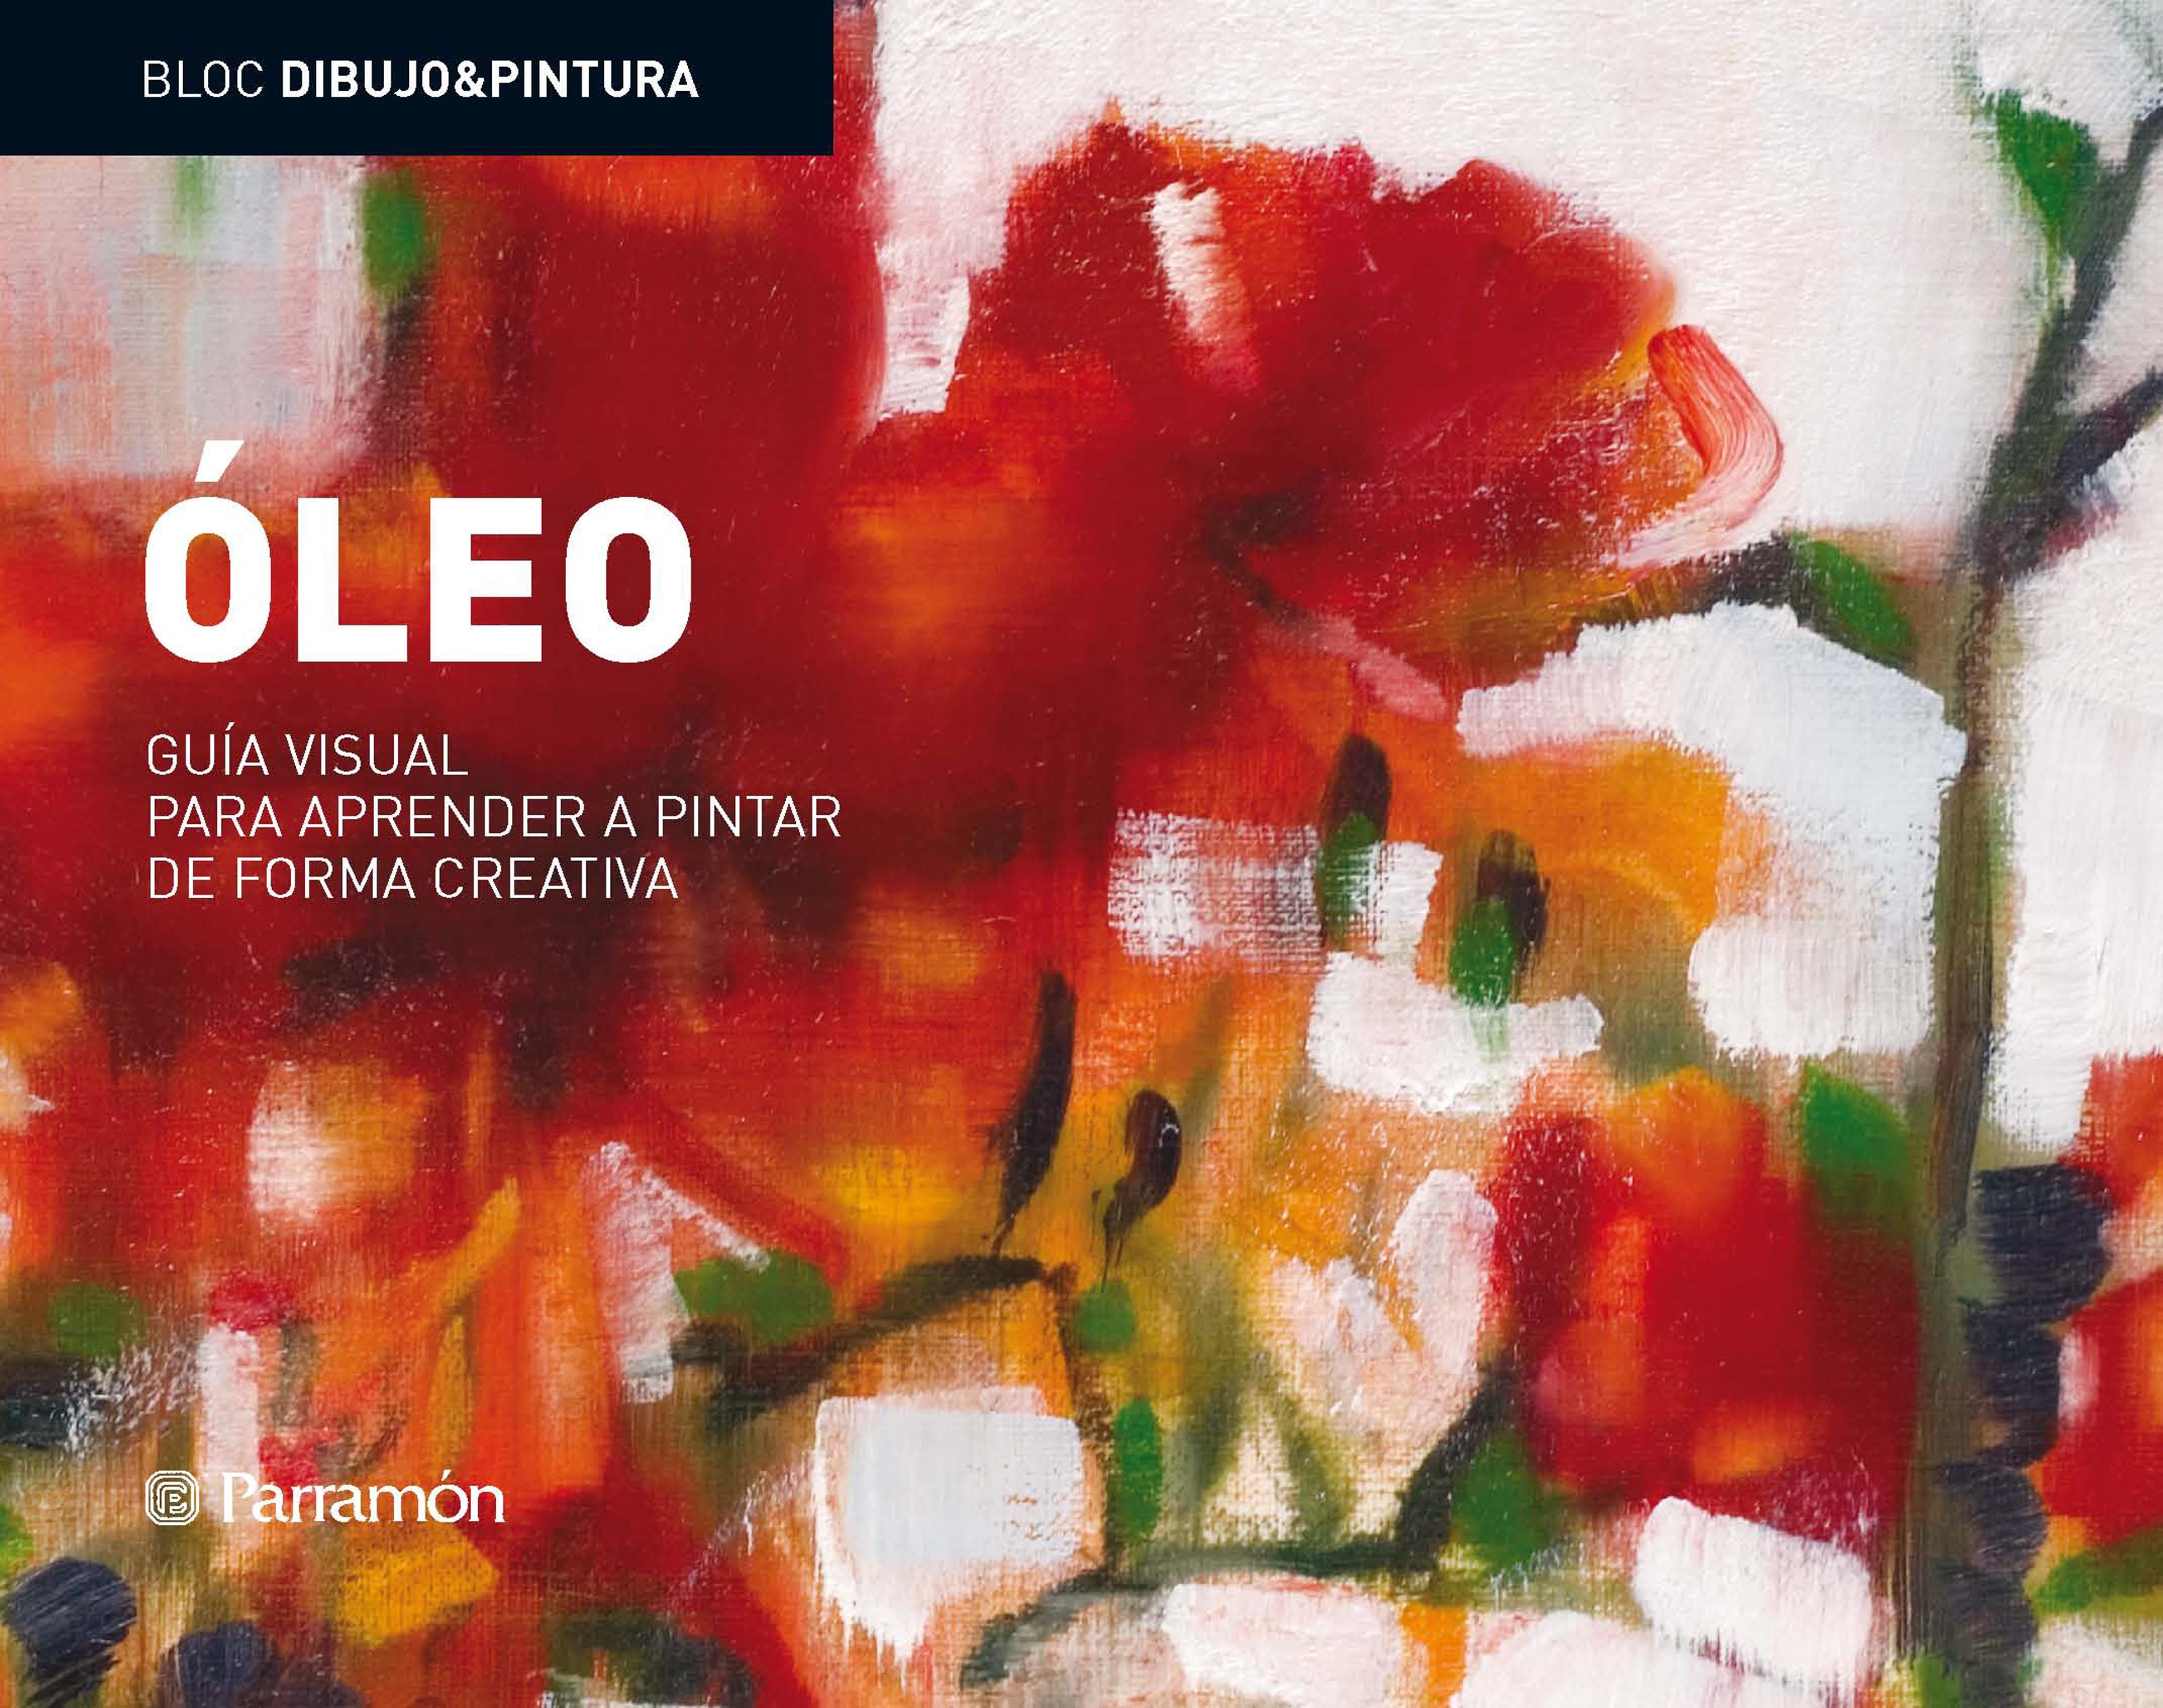 Equipo Parramón Paidotribo Bloc D&P: Óleo: Guía visual para aprender a pintar de forma creativa